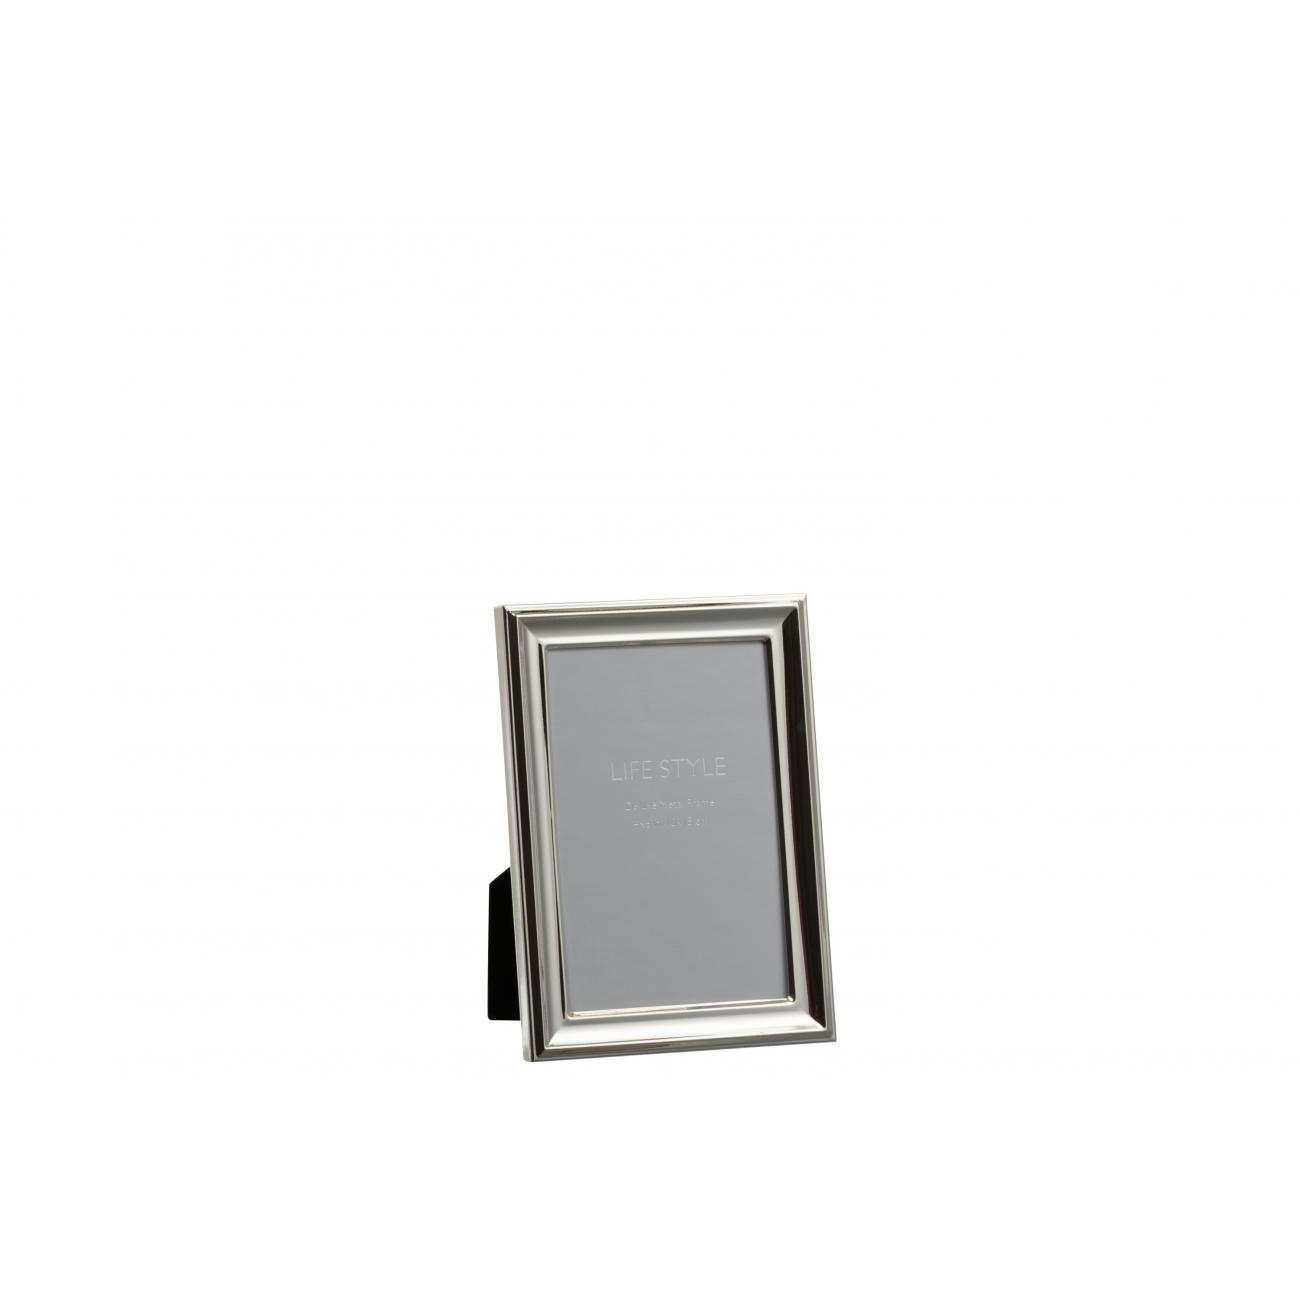 Фоторамка J-LINE металлическая классическая серебристая 10х15 см Бельгия